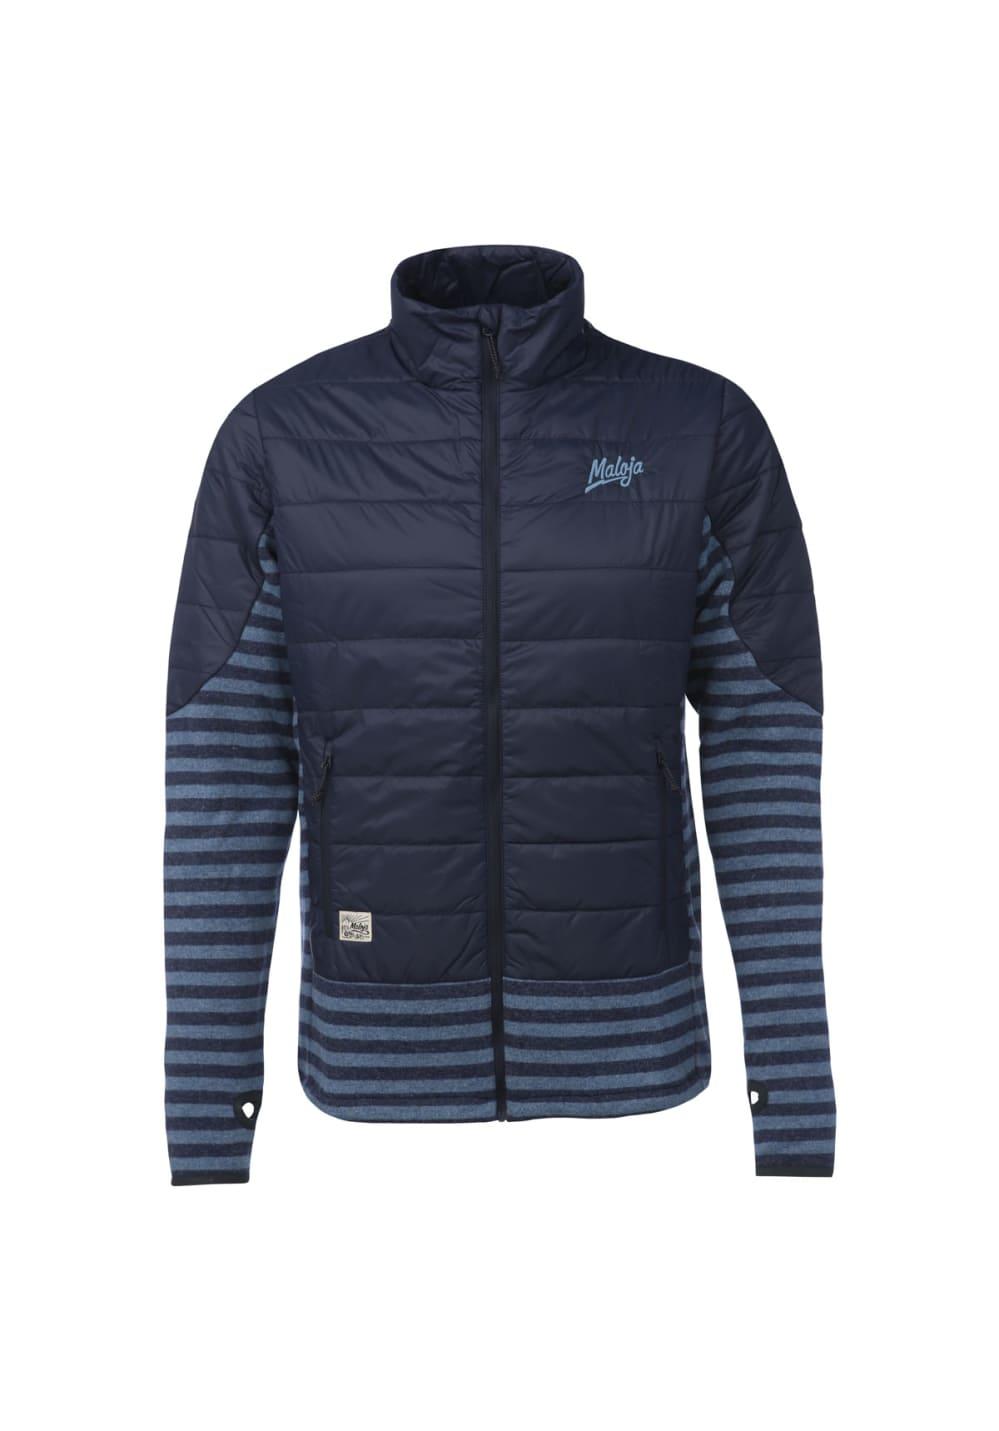 Maloja GuildsM. Hybrid Fleece Jacket - Freizeitbekleidung für Herren - Blau, Gr